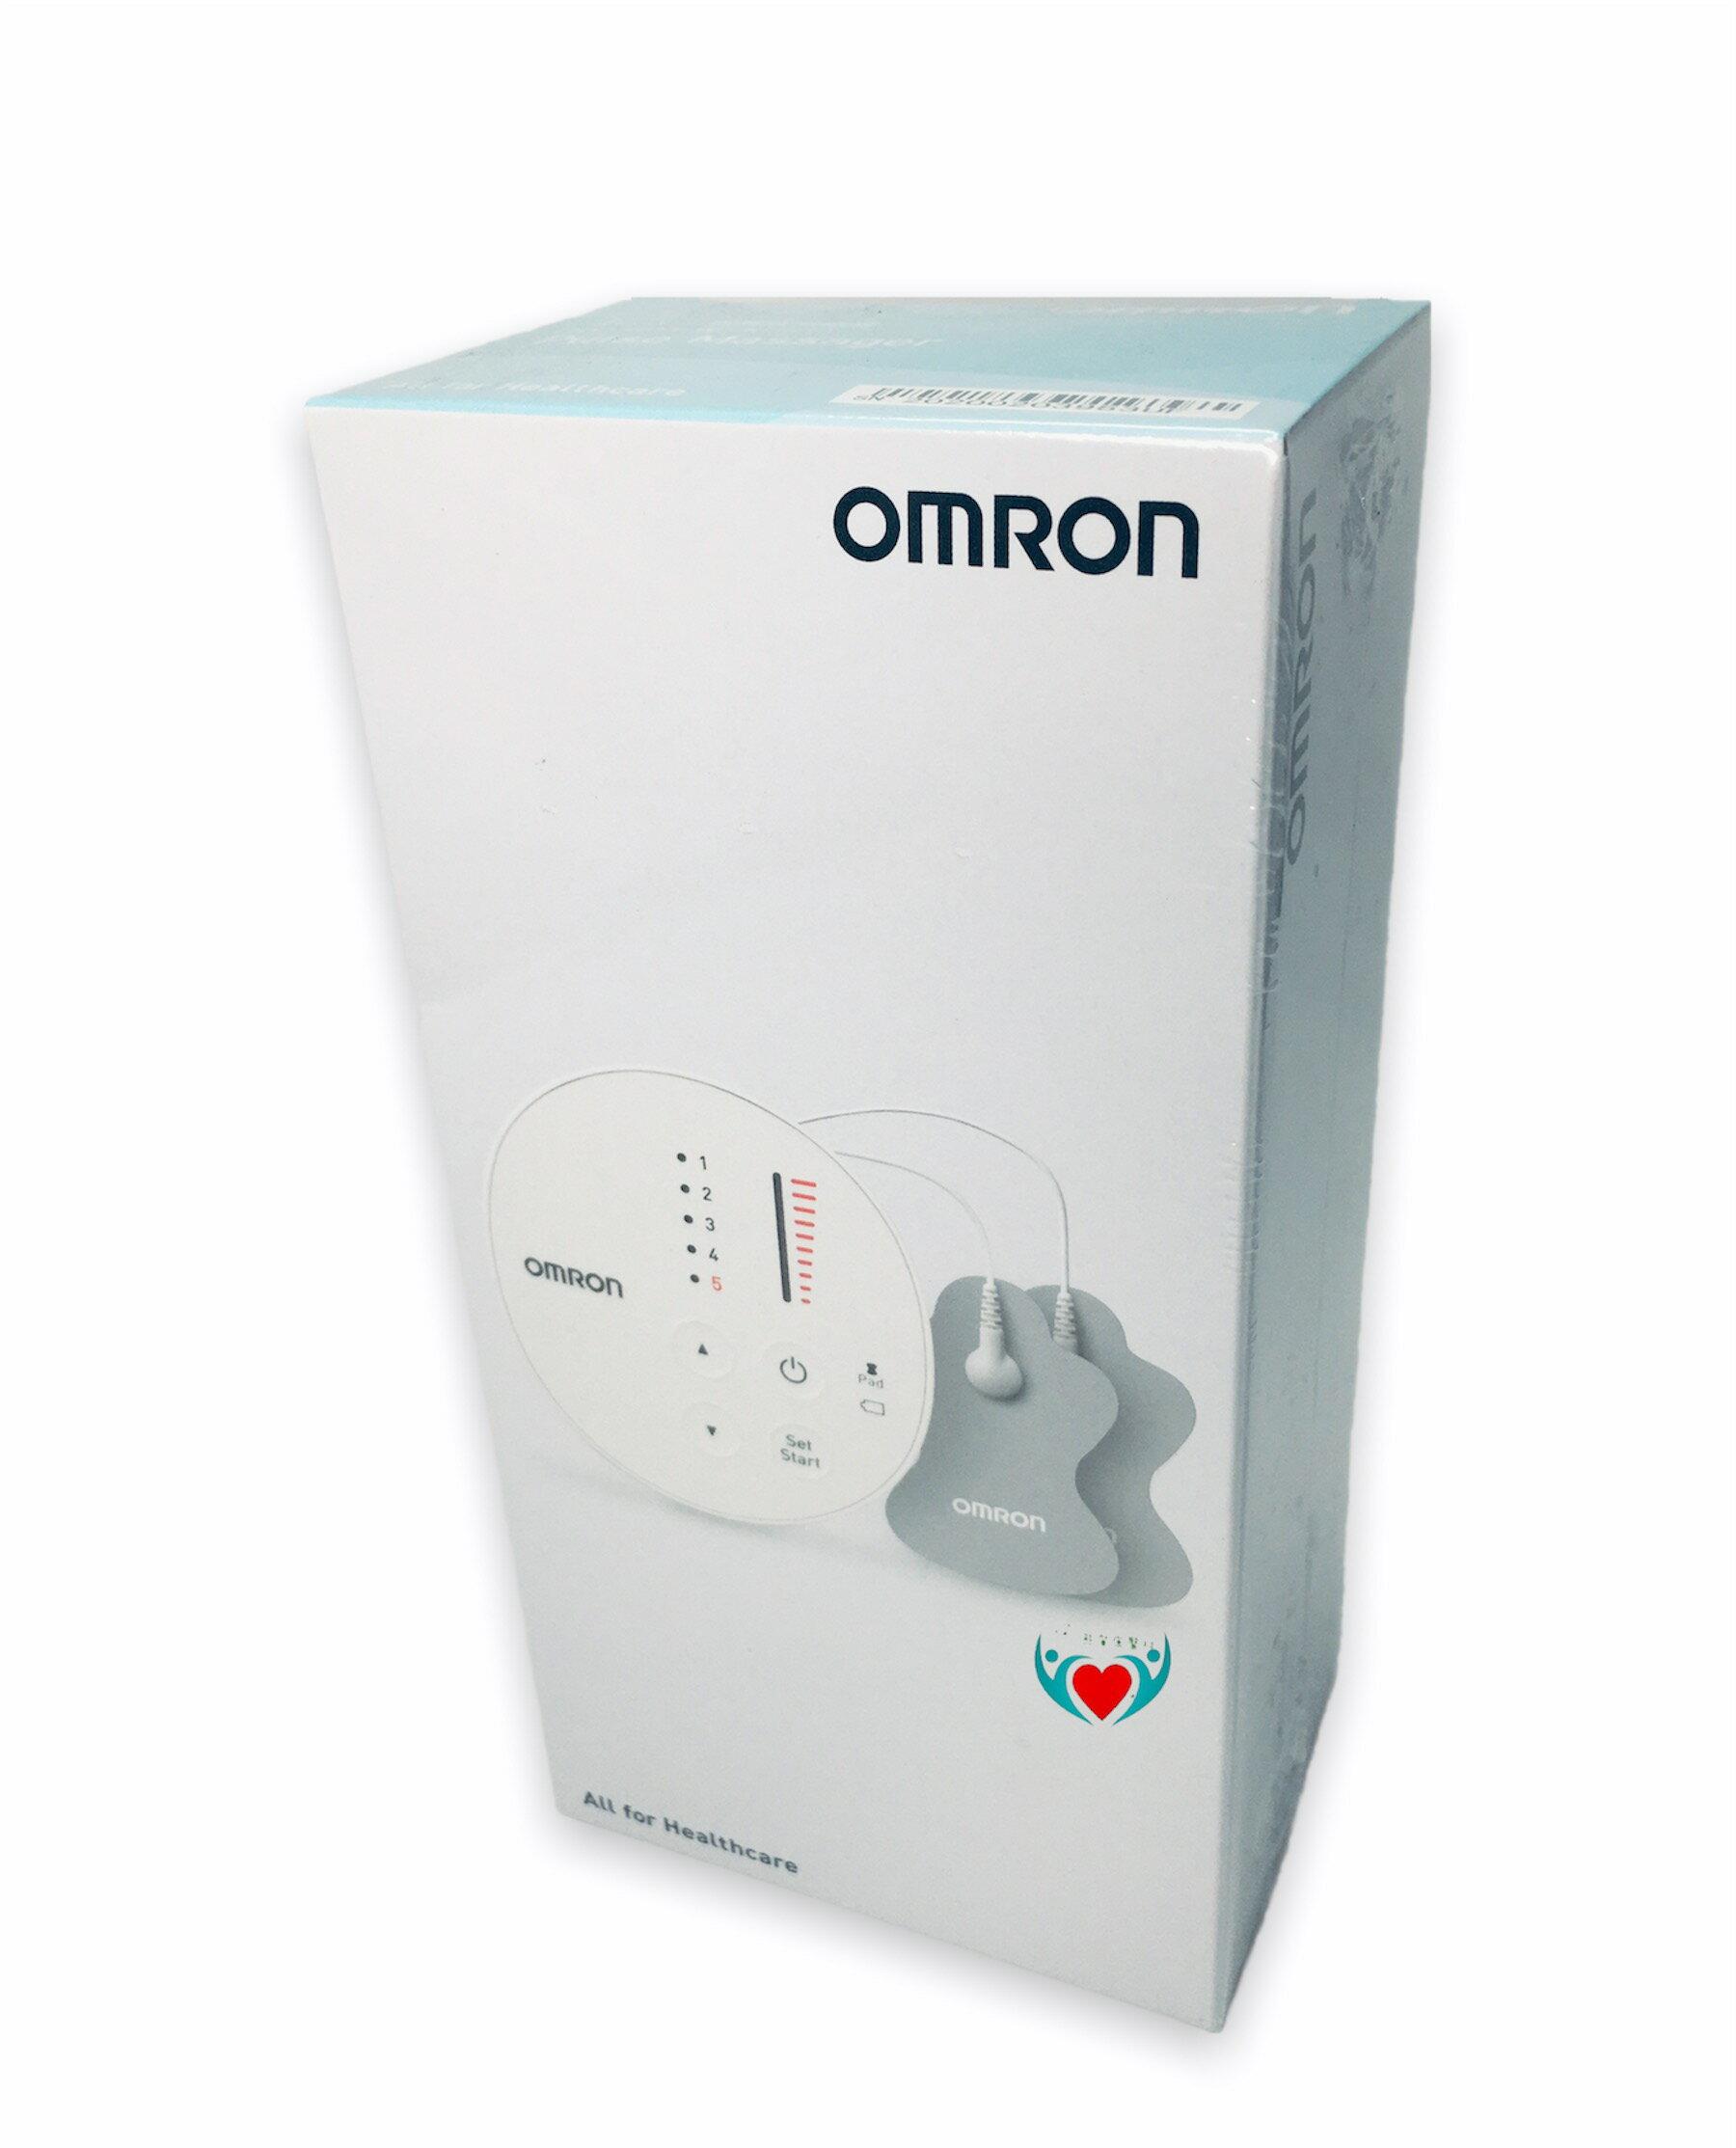 【來電優惠加贈歐姆龍多用途收納袋】歐姆龍OMRON 低週波治療器 HV-F013 低週波電療器 HVF013